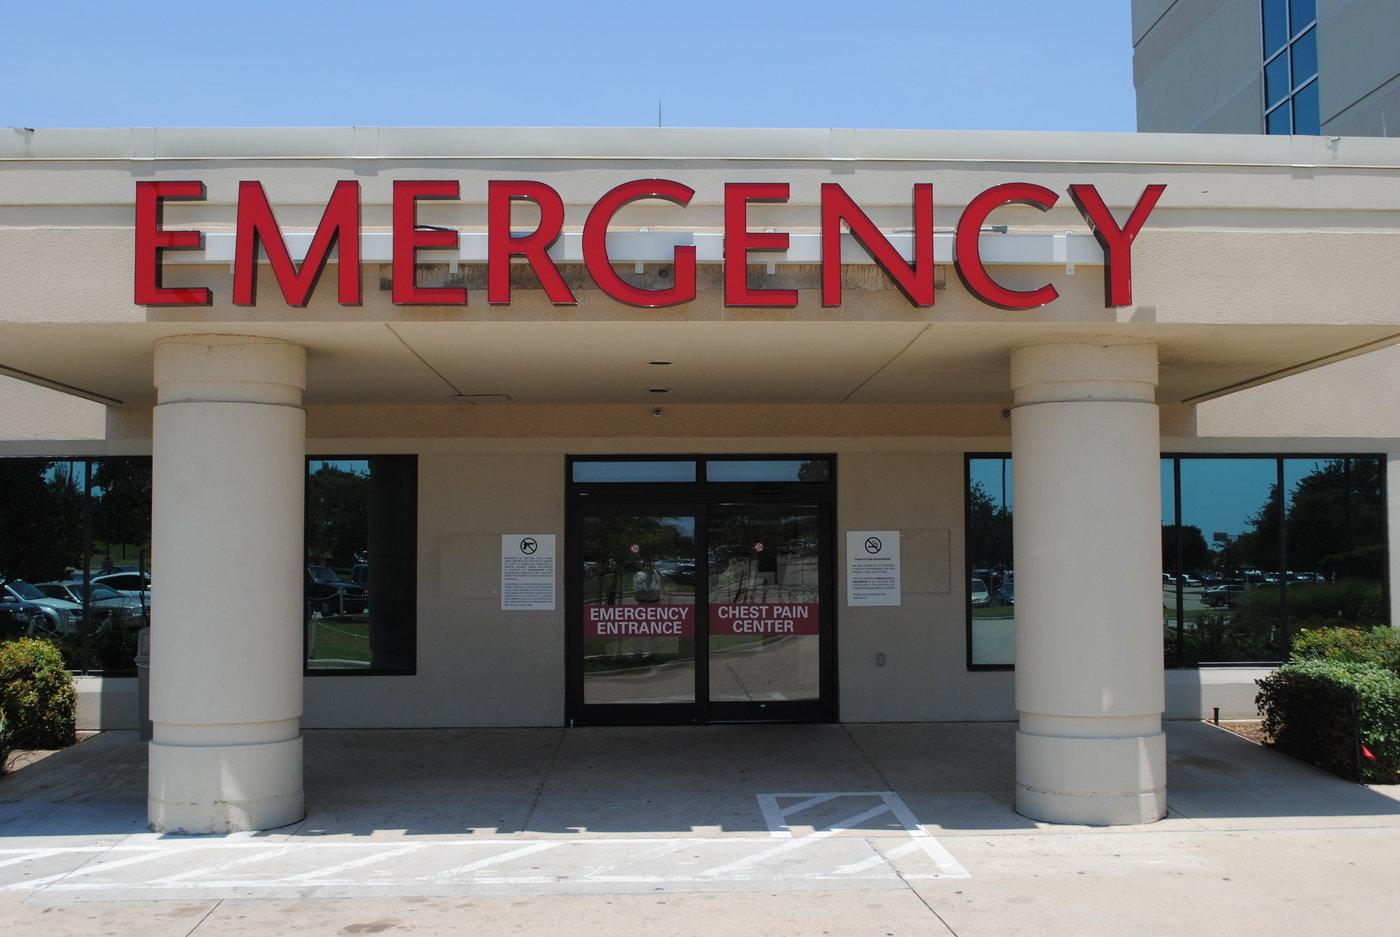 Denton Hospital Signage By Russell Mariott At Coroflot Com